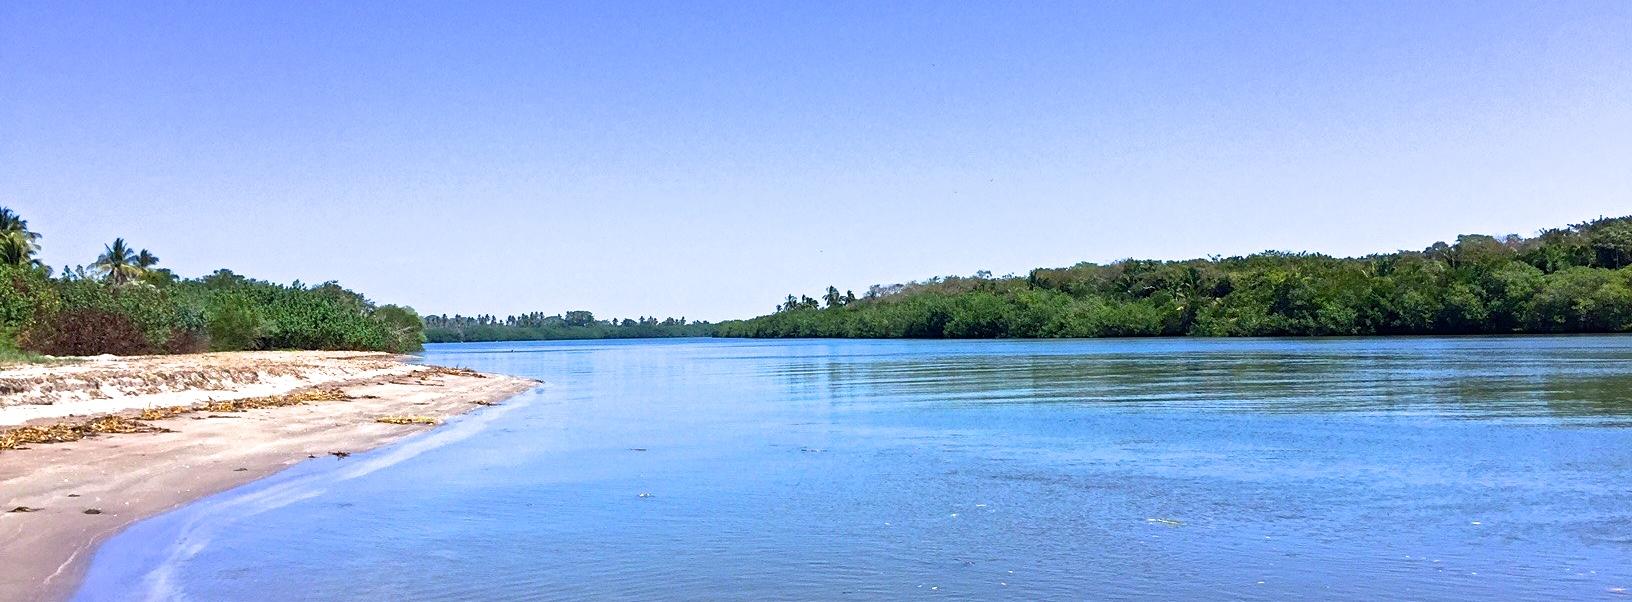 San Cristobal River Apr 16 A